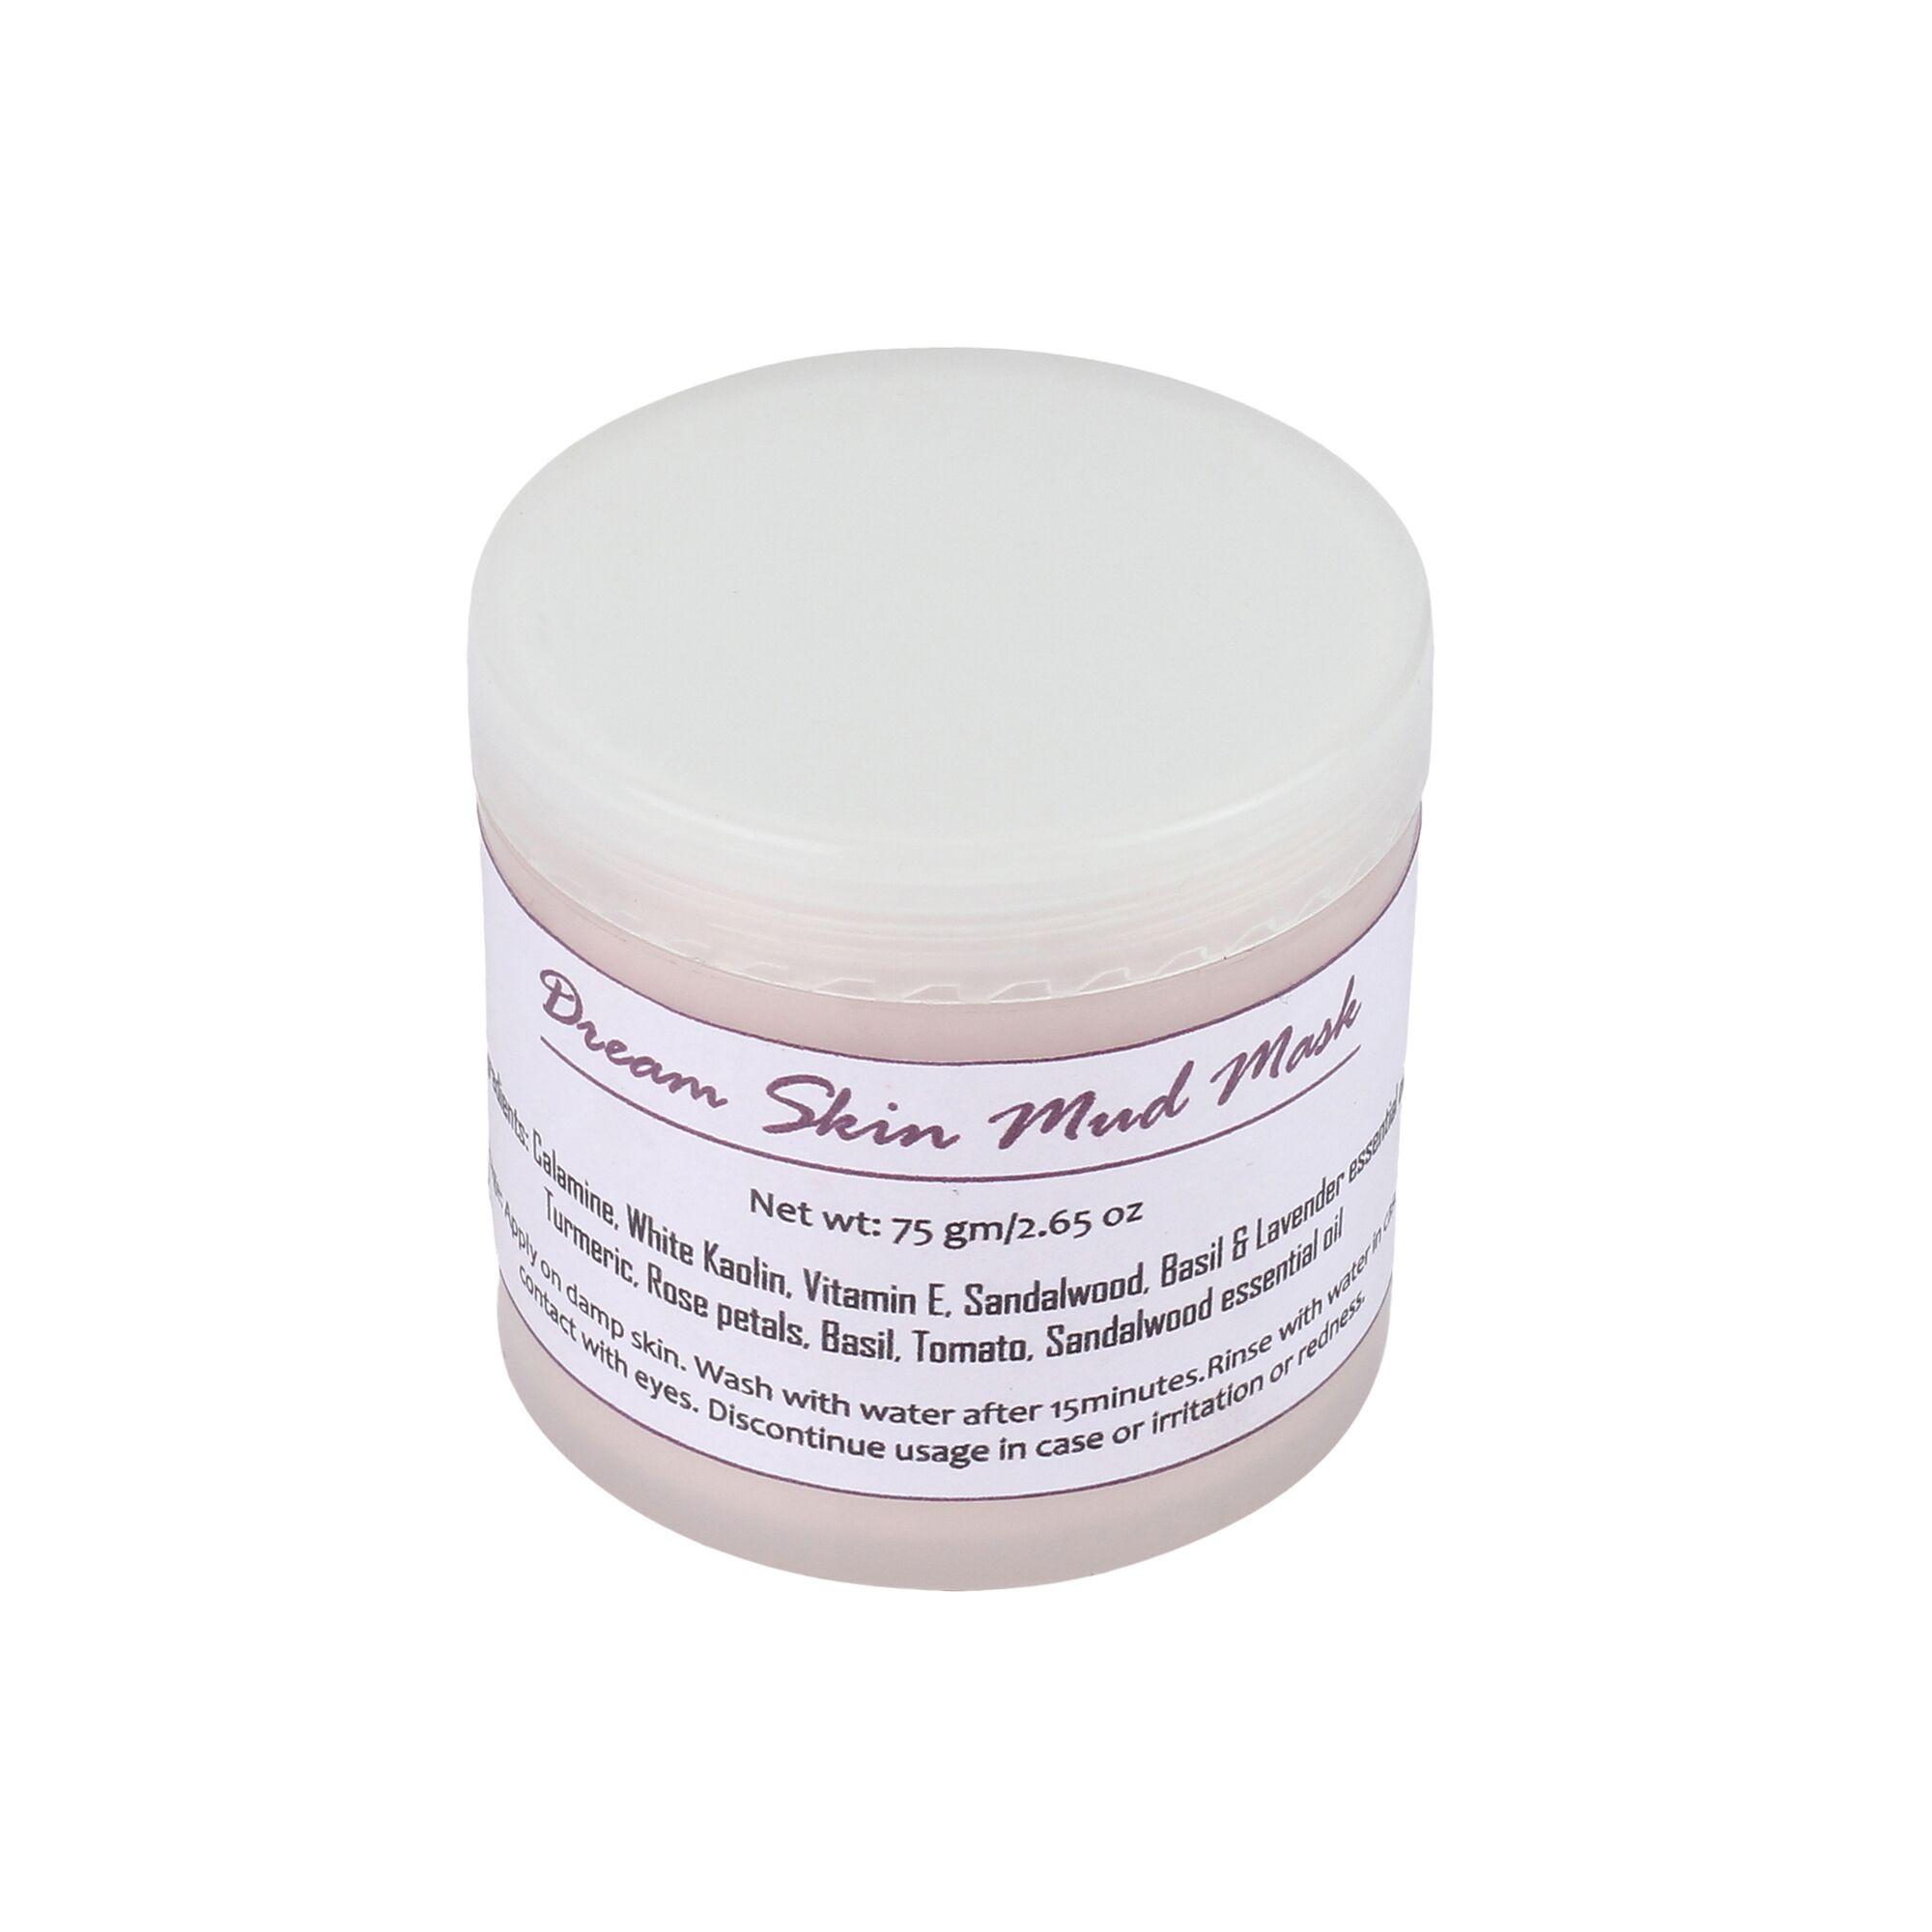 Fuschia Dream Skin Mud Mask - Calamine 75 g